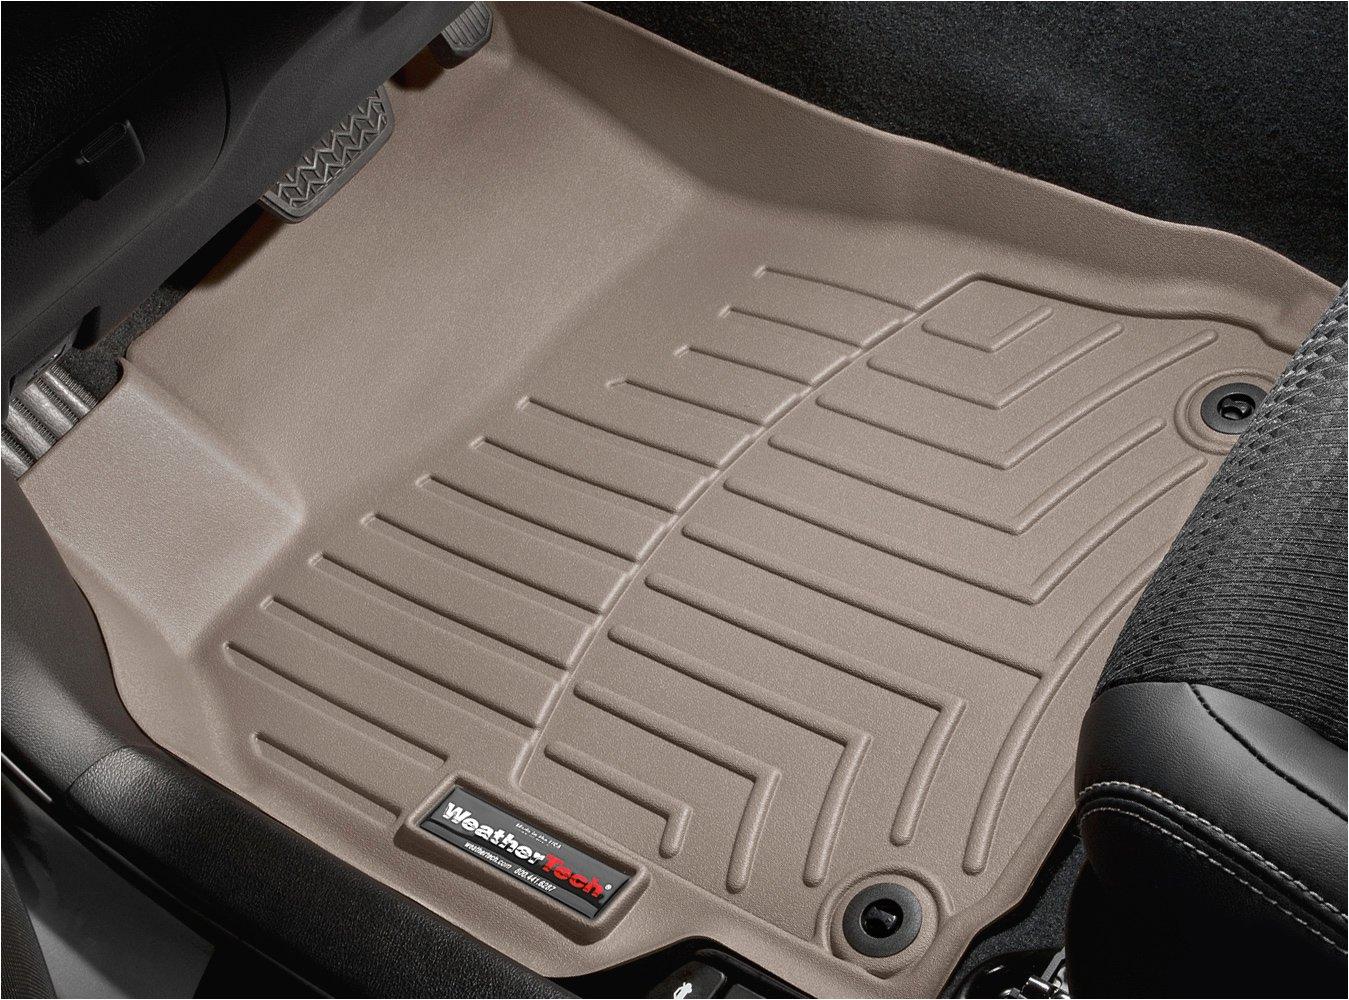 2002 Dodge Dakota Floor Mats Weathertech Digitalfit Floor Liners Free Shipping Low Price